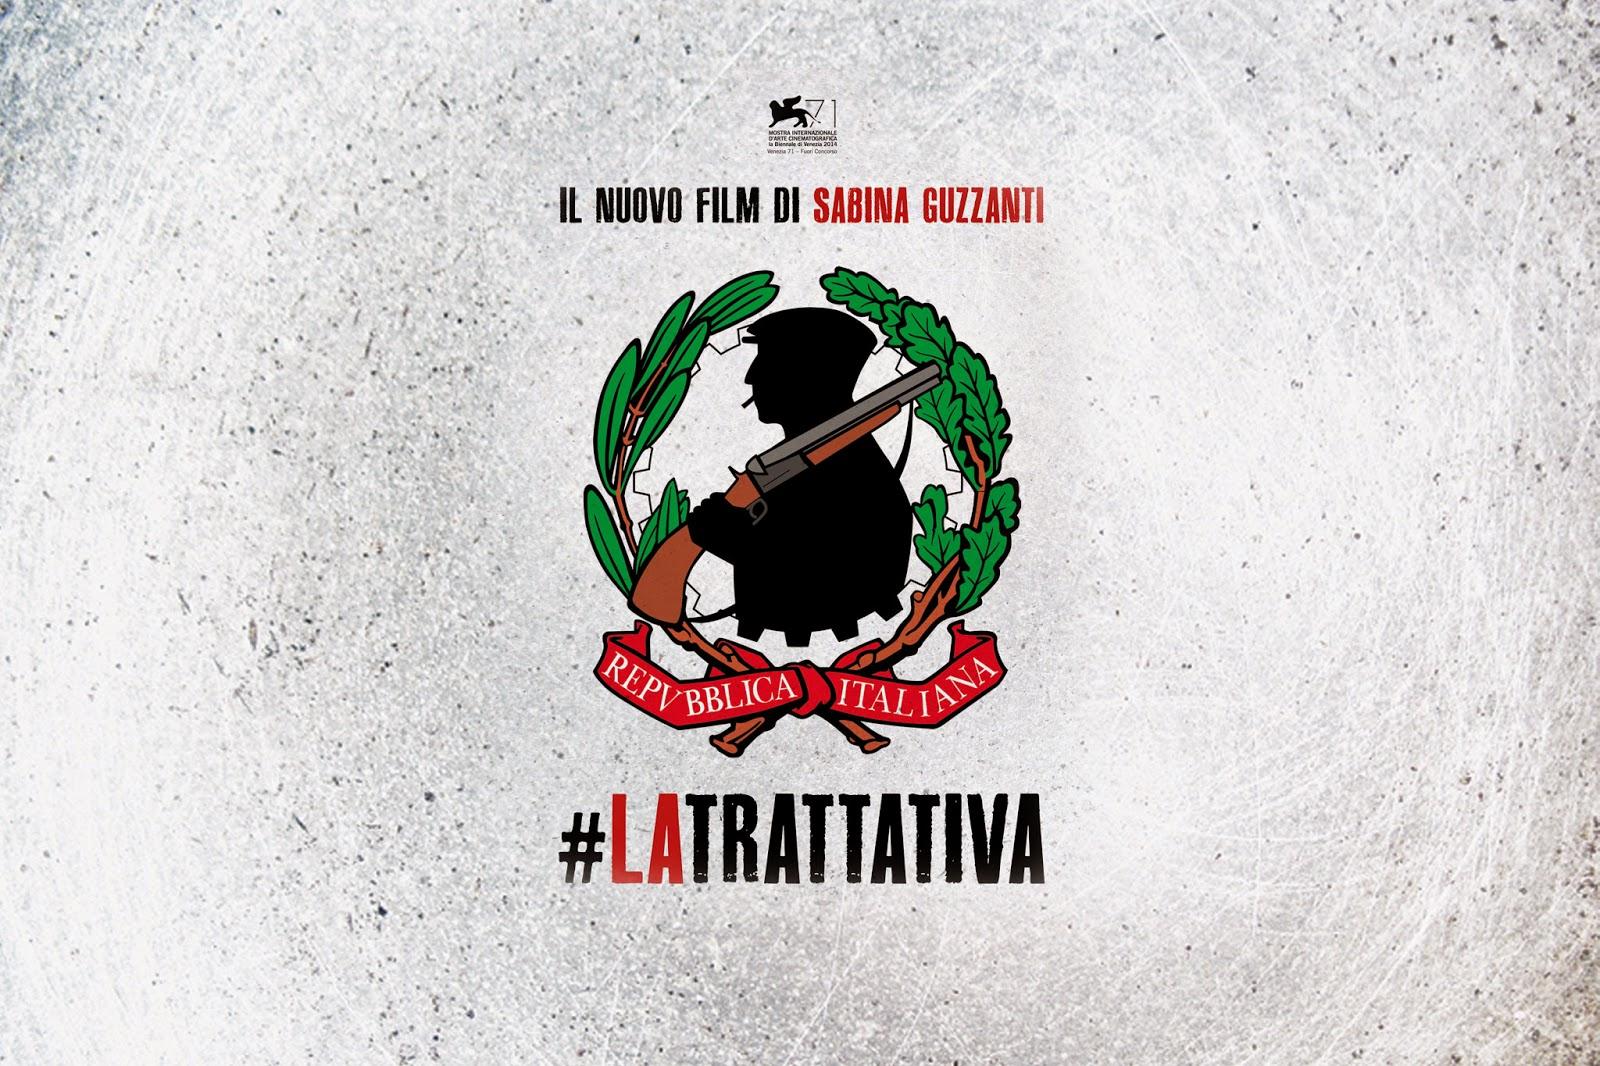 http://www.latrattativa.it/